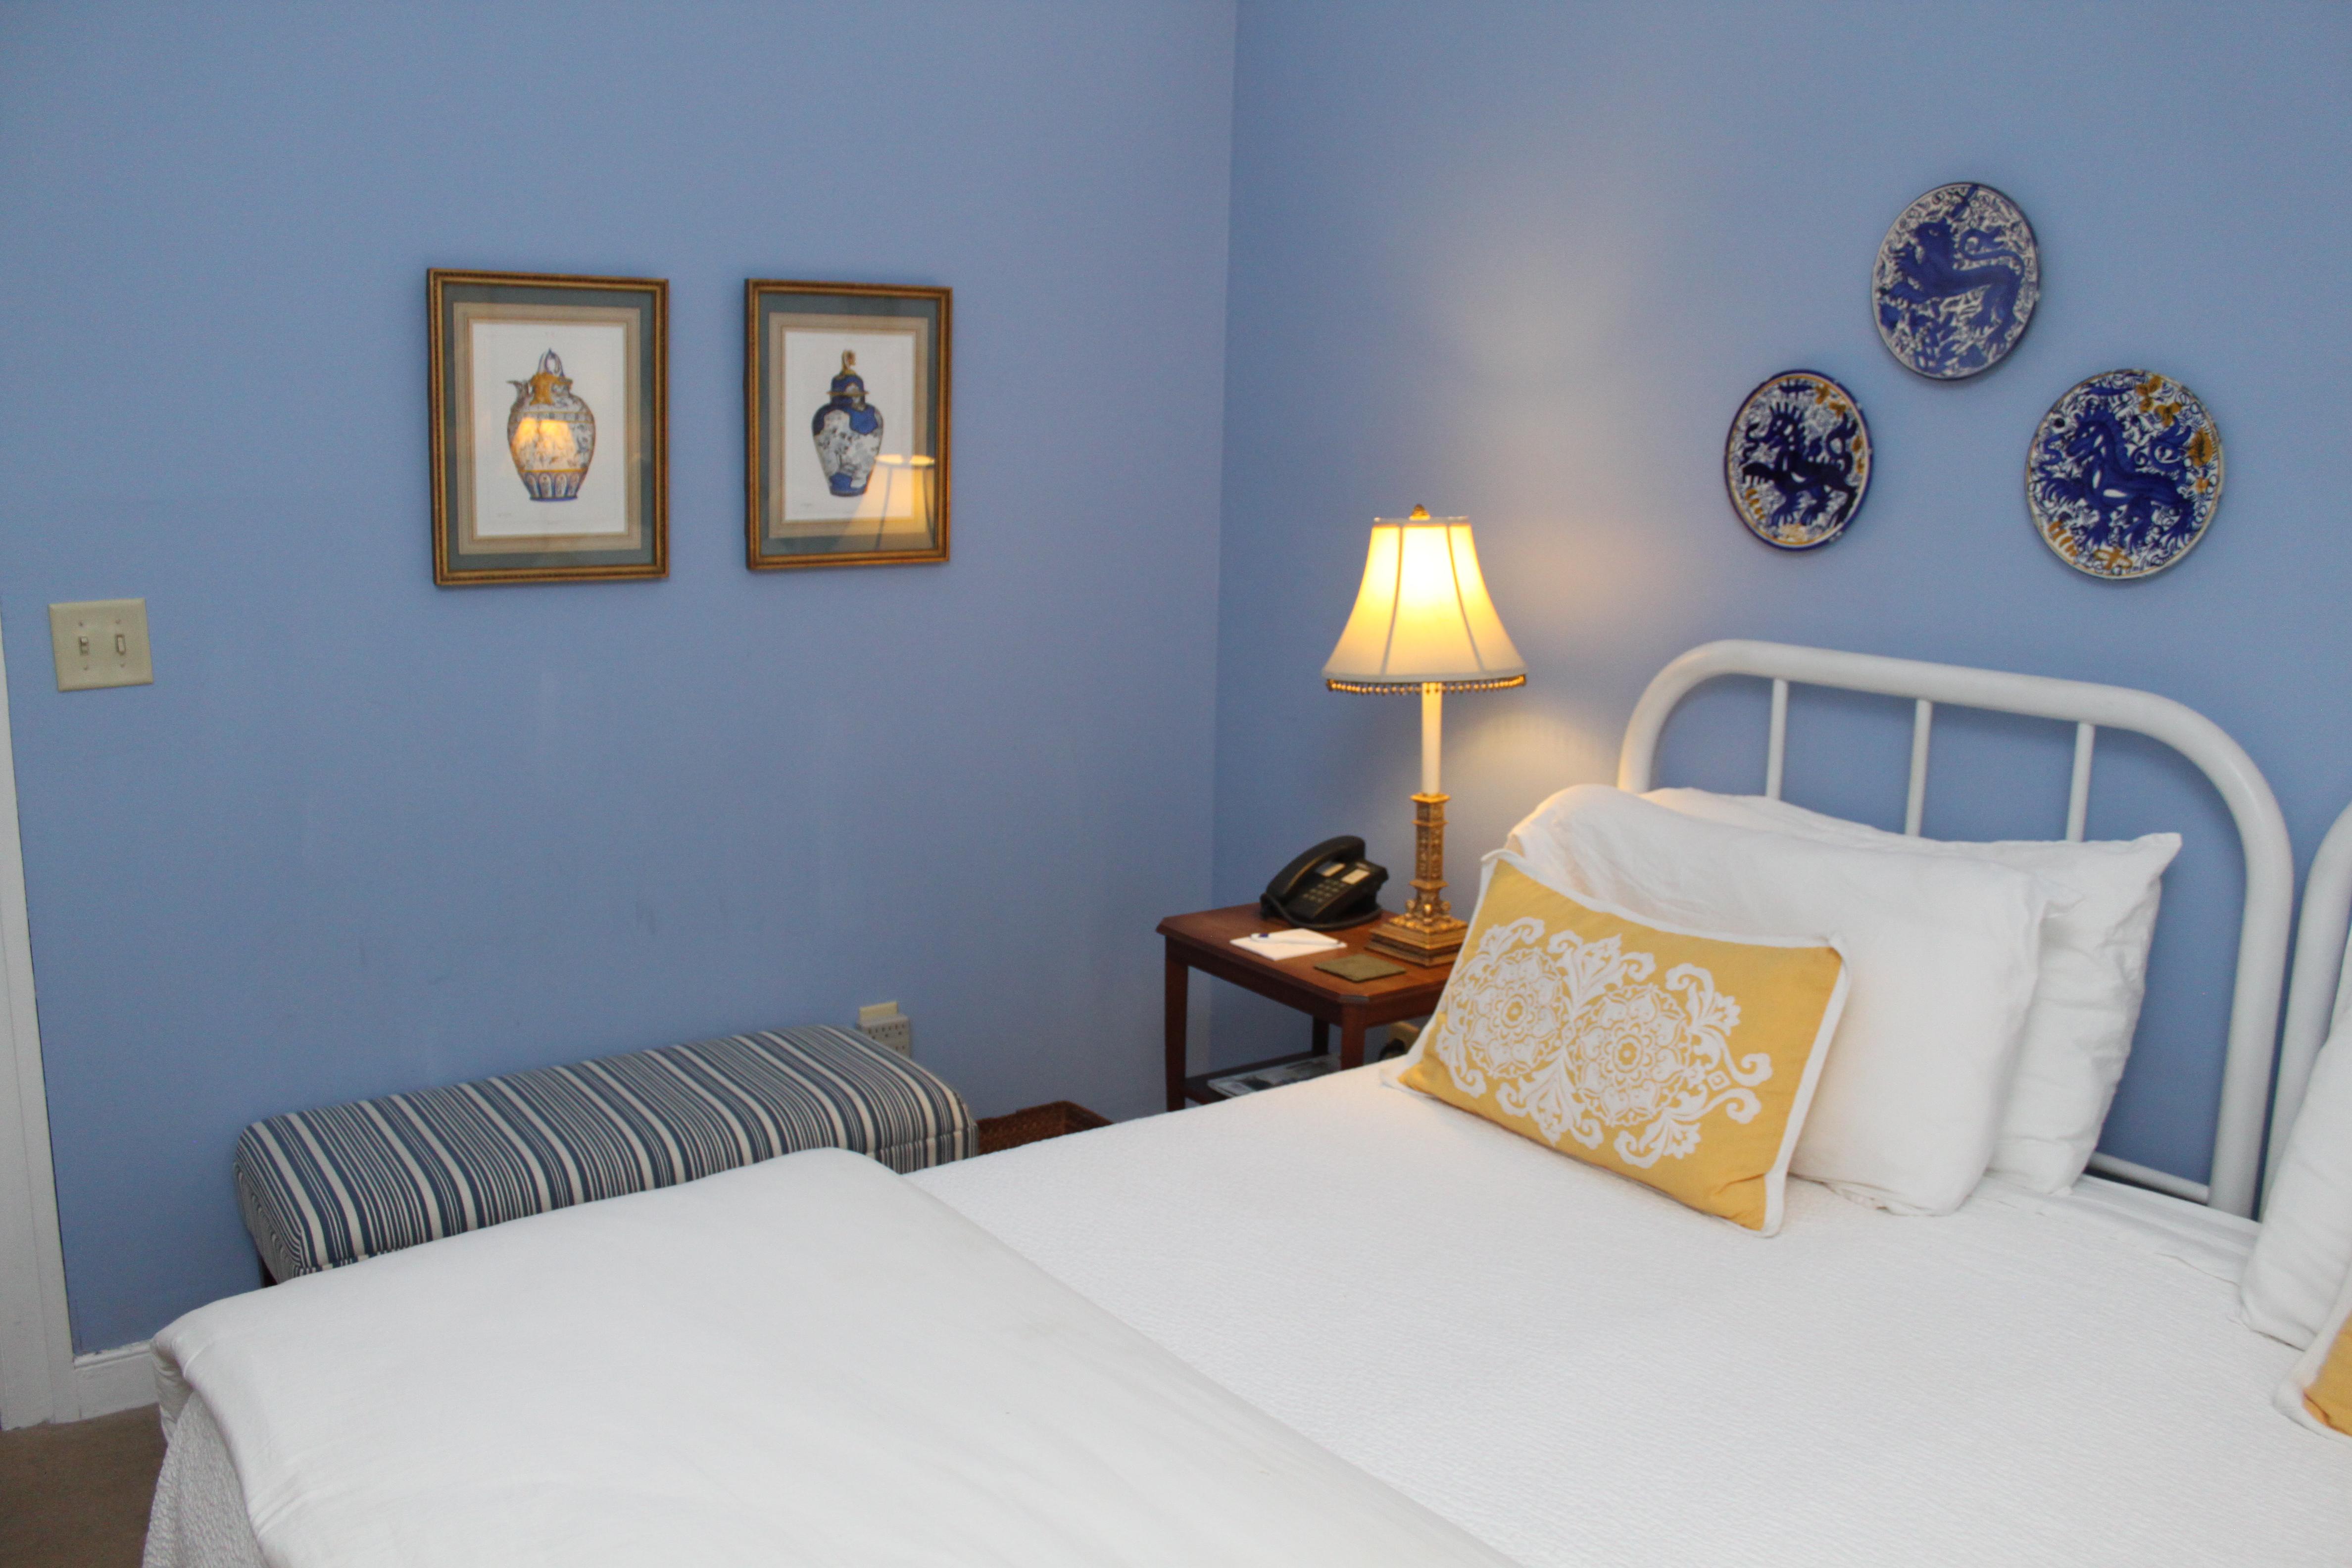 Room 4a